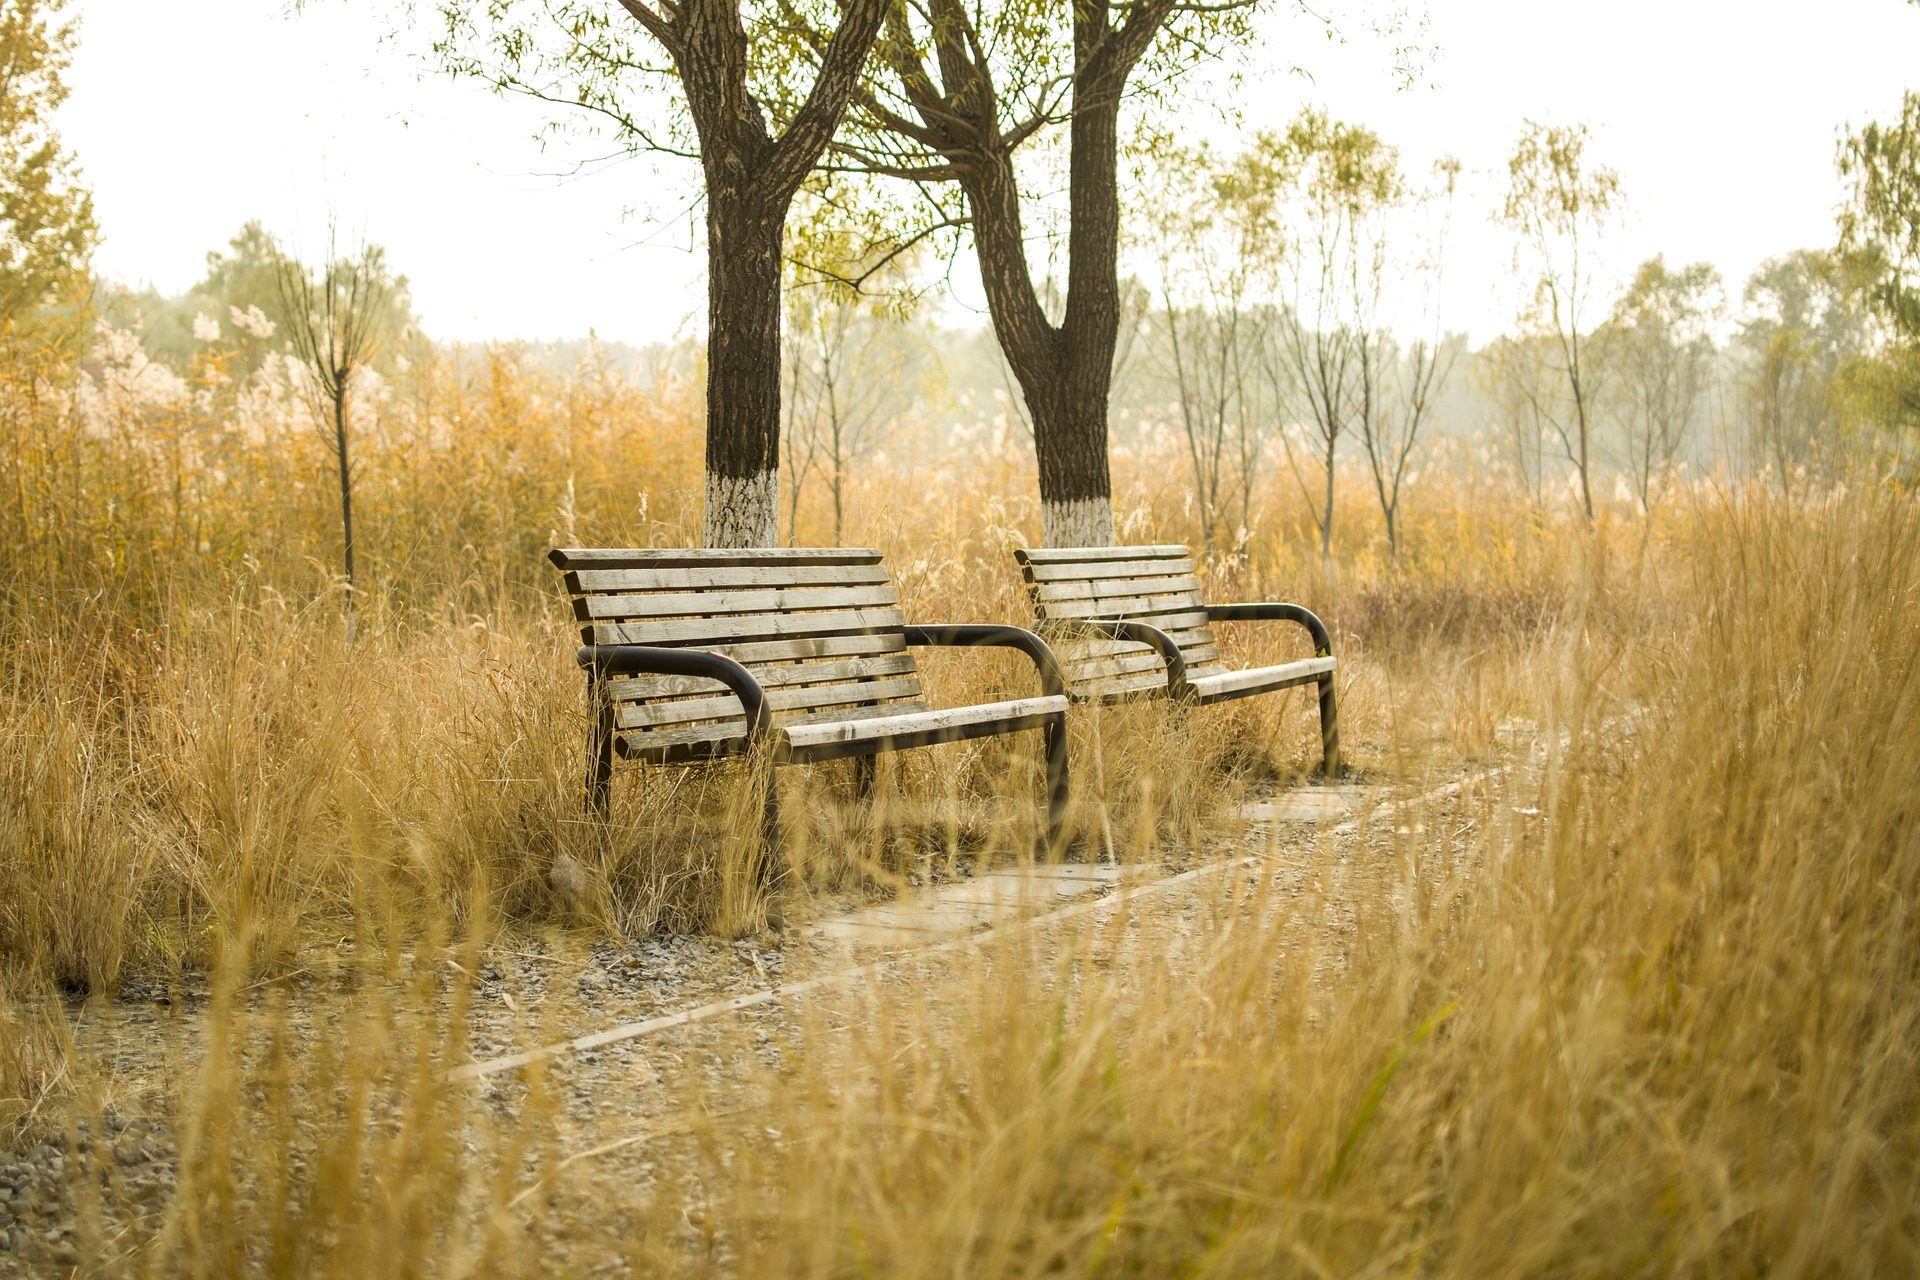 المصارف, بارك, الطريق, العشب, الخشب, الخريف, الأشجار - خلفيات عالية الدقة - أستاذ falken.com